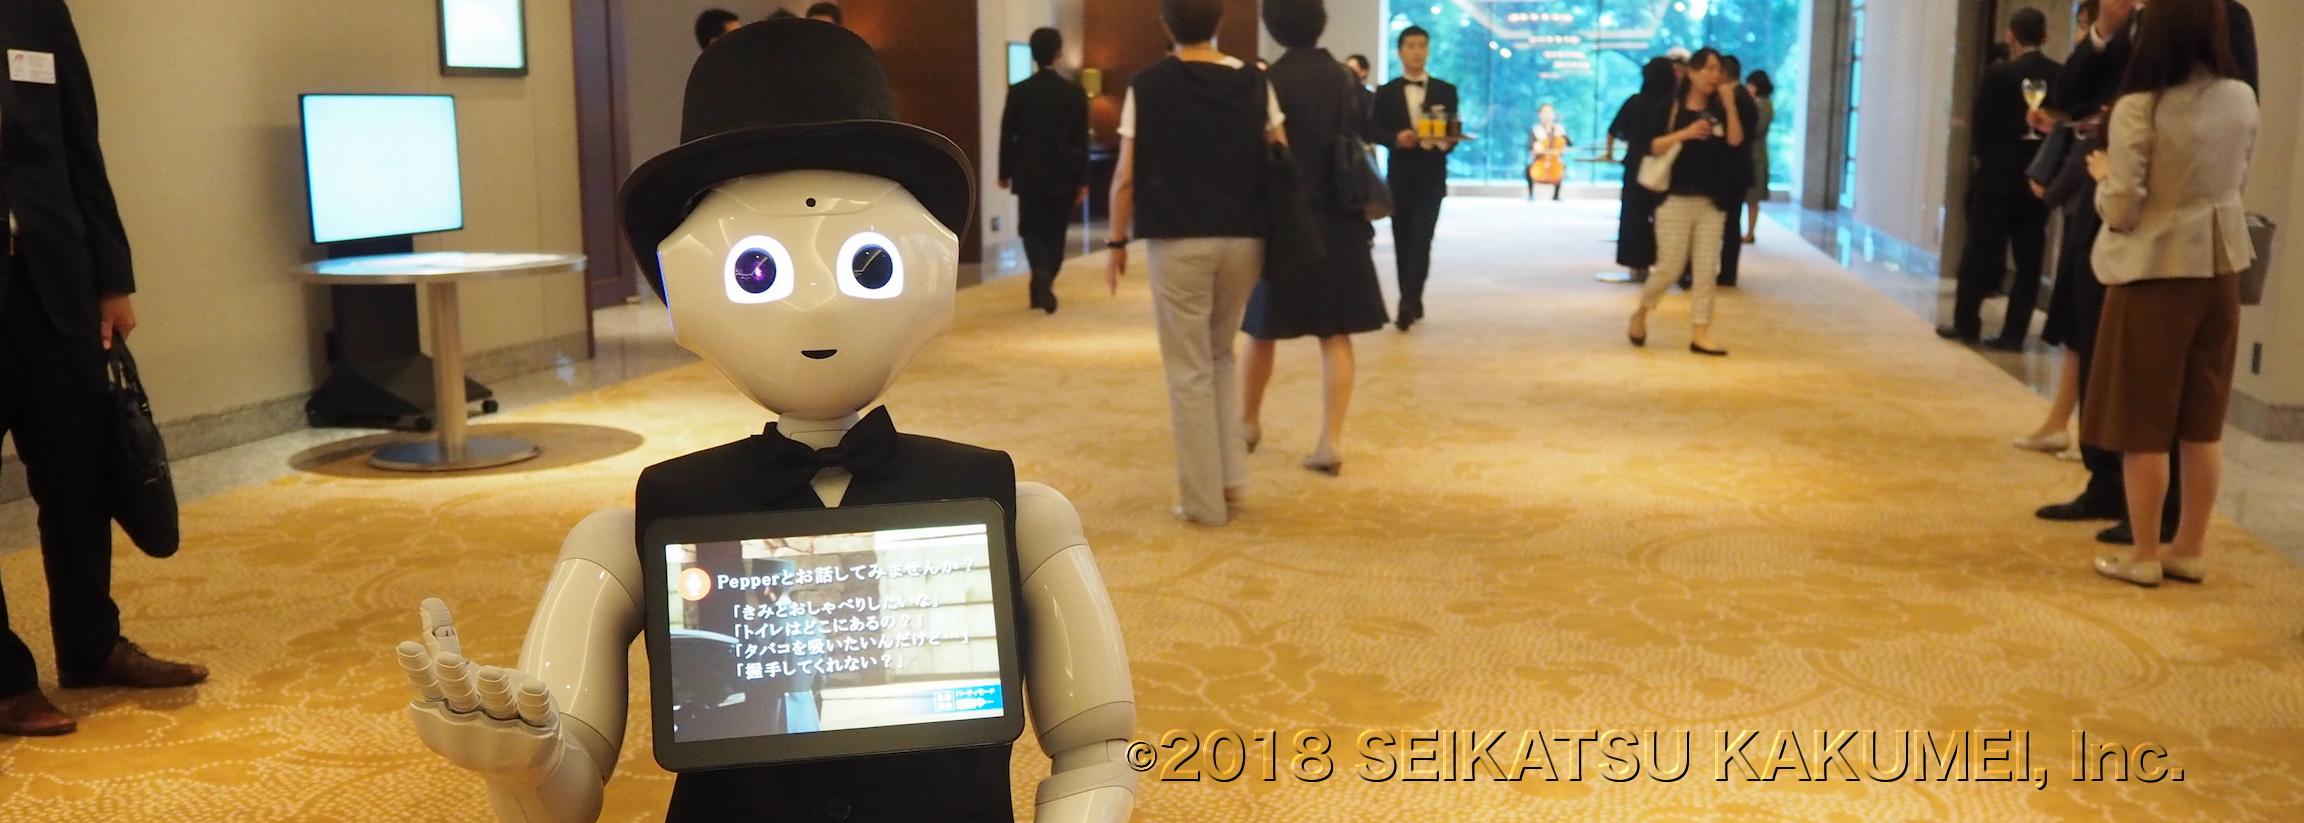 生活革命のロボット・Pepper(ペッパー)レンタルサービスはシンプルなものからプロ仕様のものまで取り揃えています。